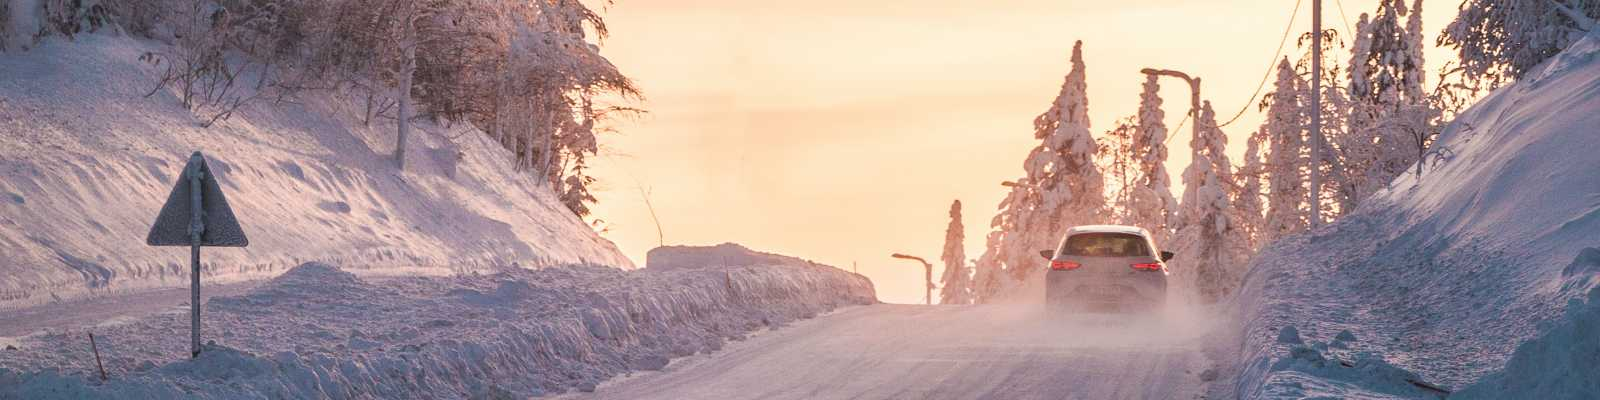 Auto huren wintersport Salzburg